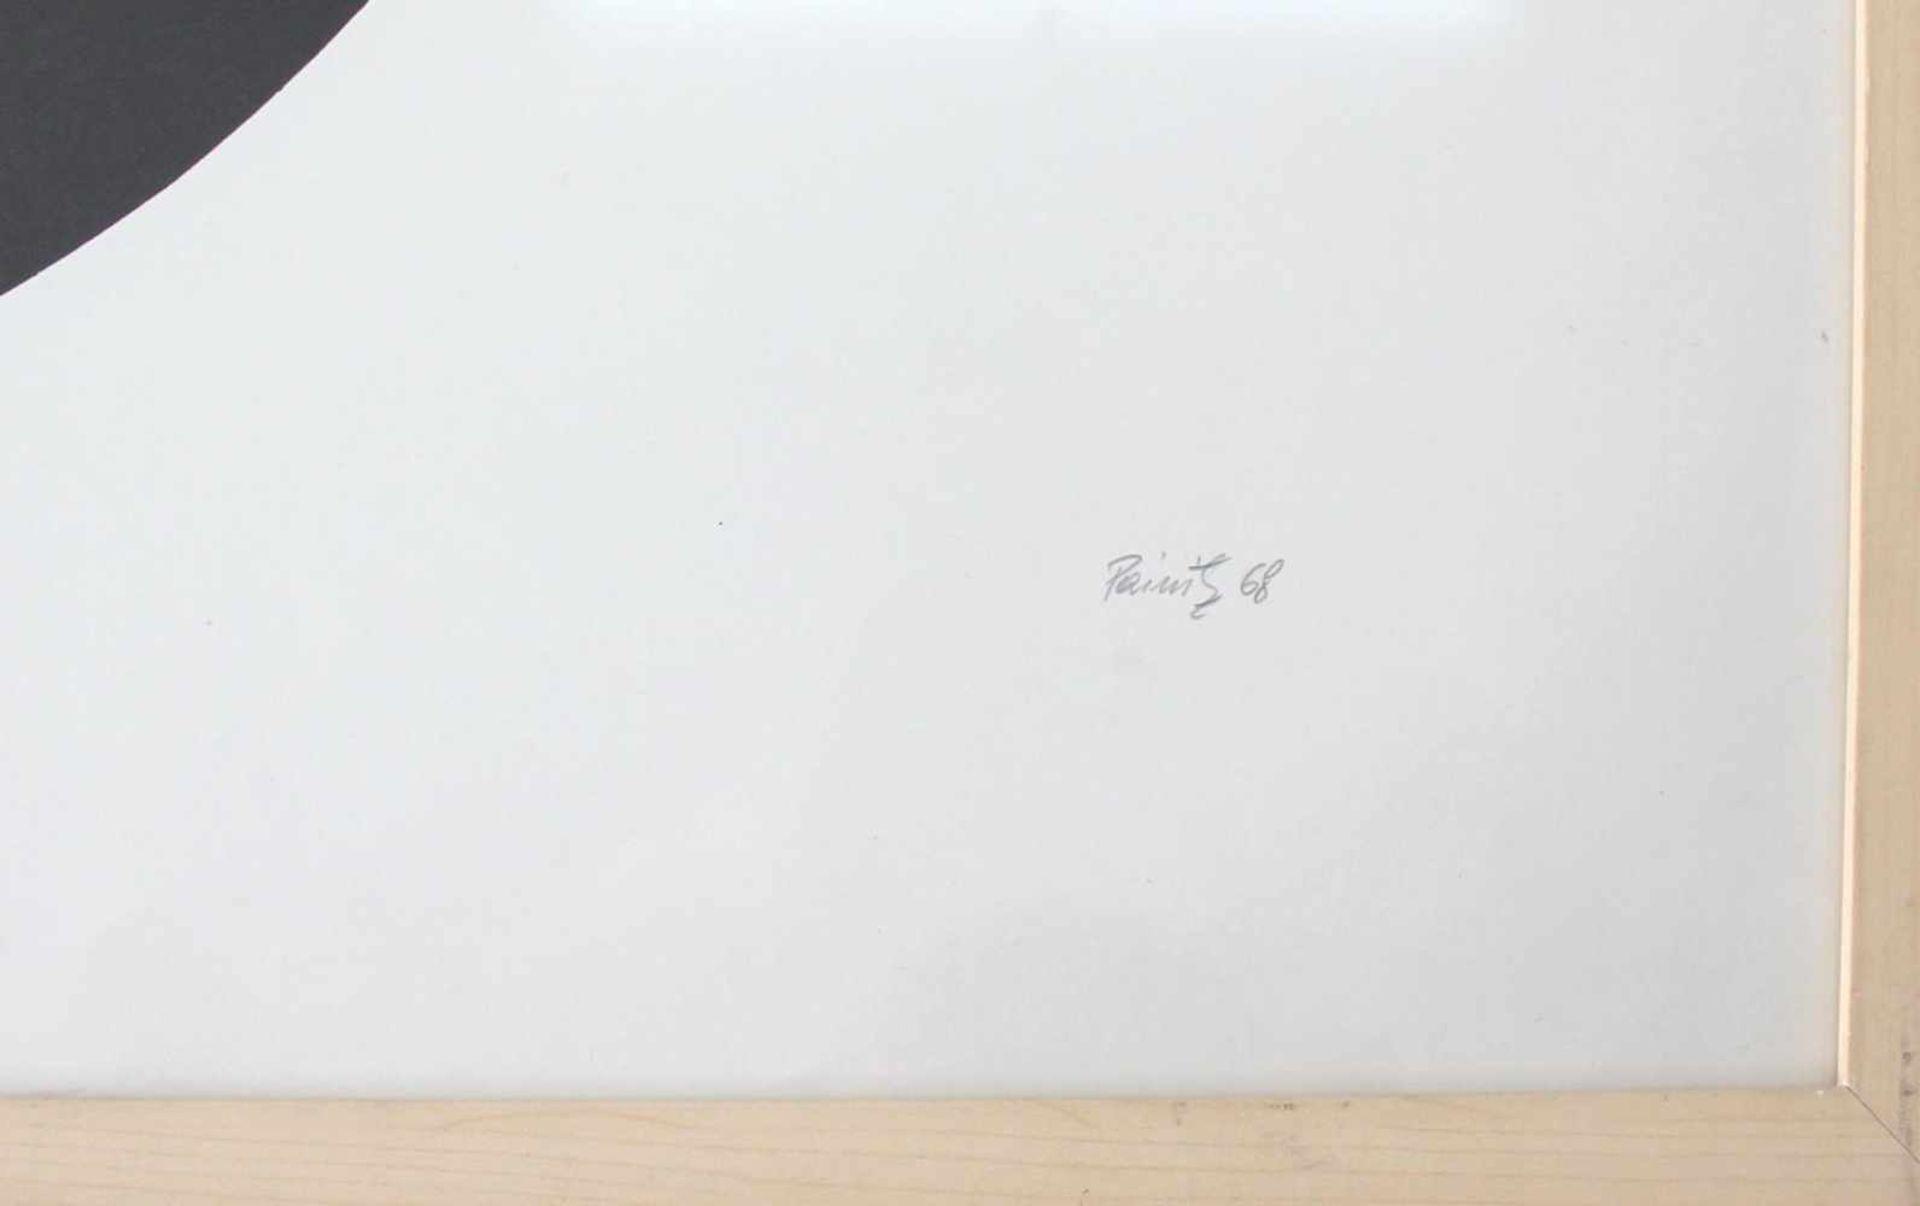 Hermann J. Painitz geb. 1938 Zahl und Zentrum 1968 Farbserigraphie handsigniert, betitelt, datiert - Bild 3 aus 5